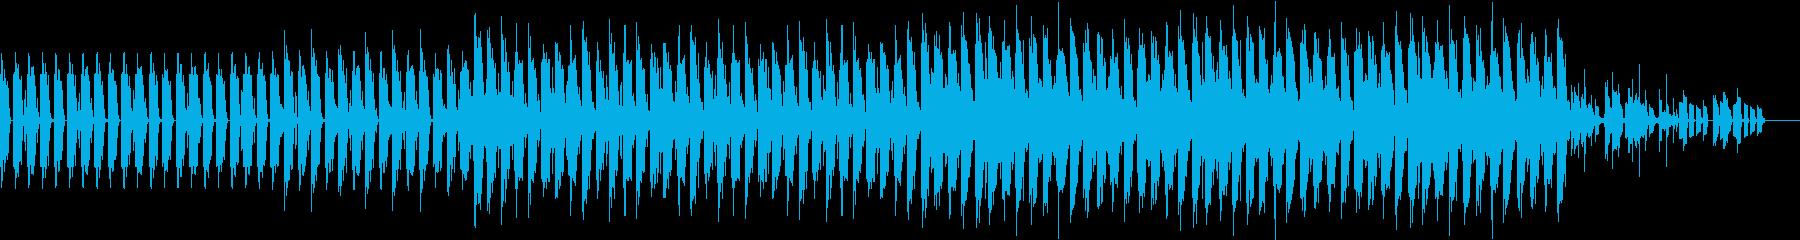 小洒落たハウスっぽい曲の再生済みの波形